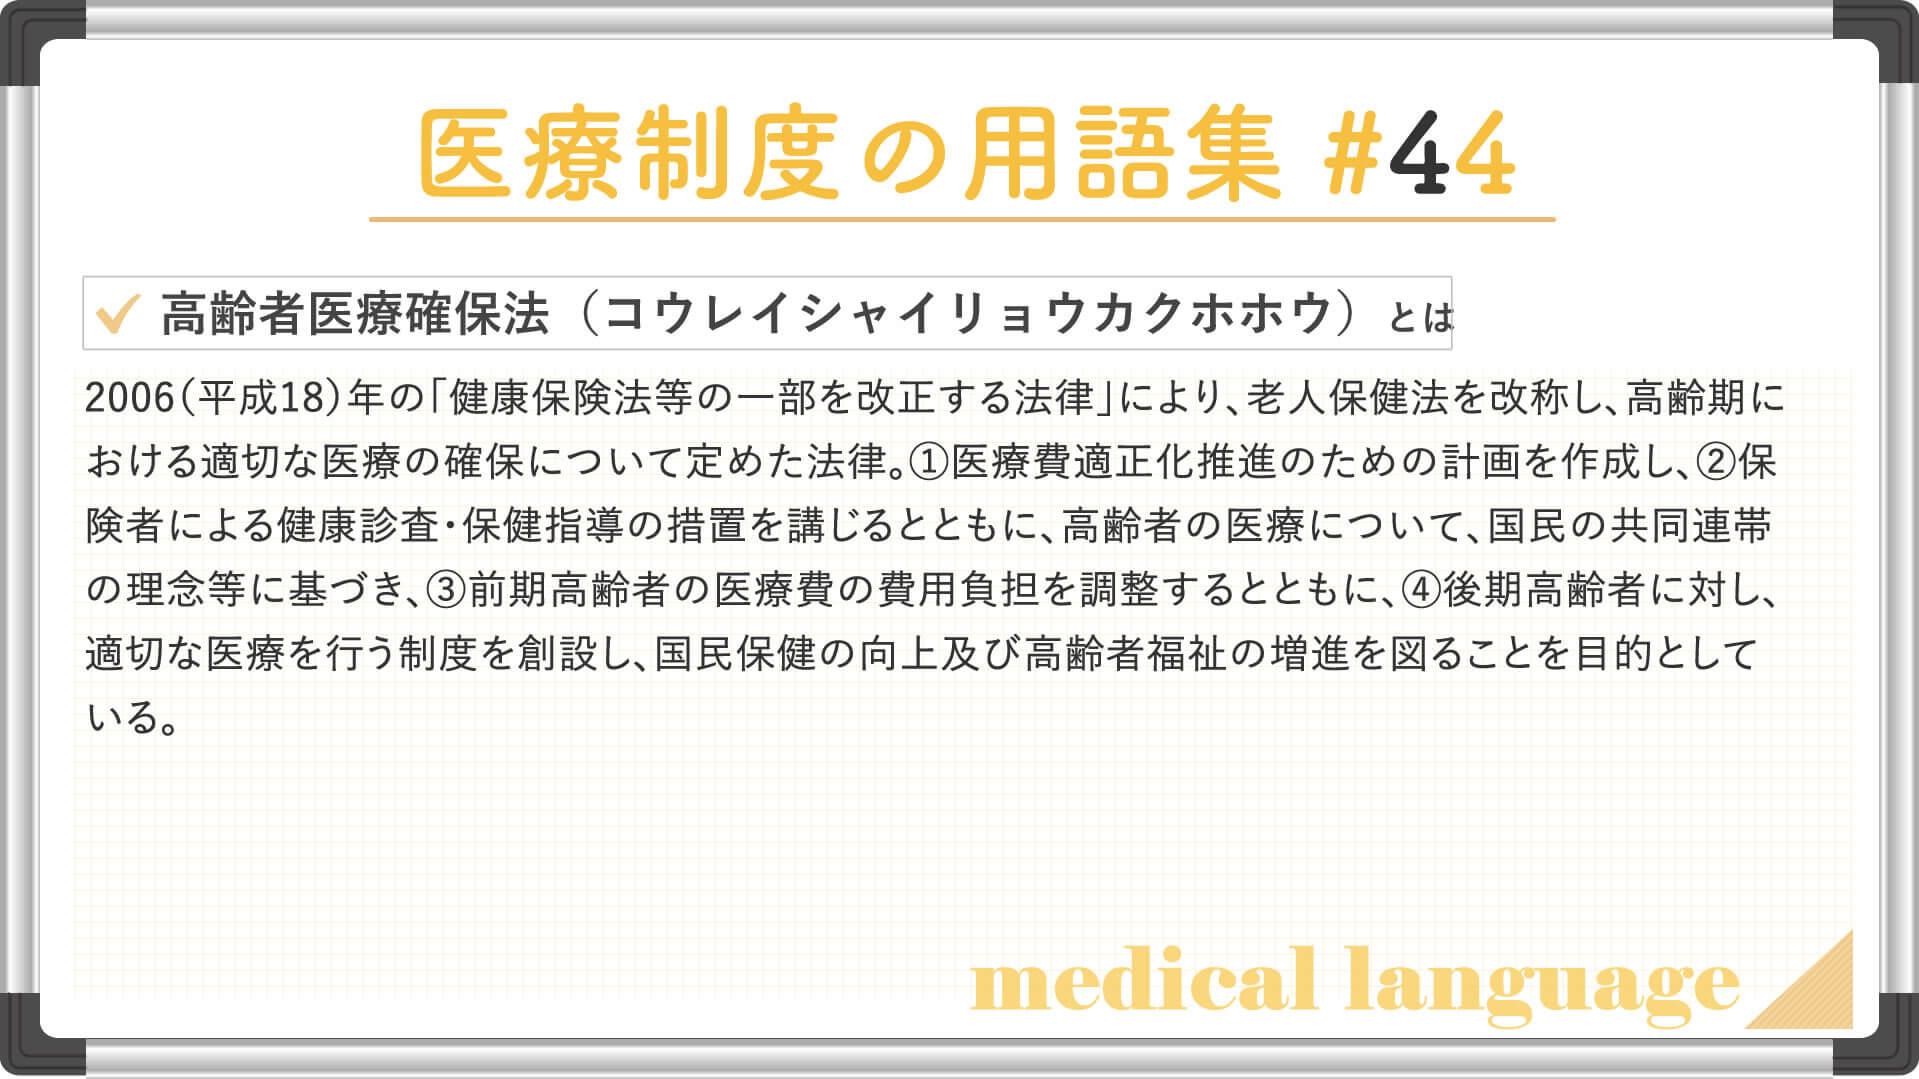 高齢者医療確保法(コウレイシャイリョウカクホホウ)の説明画像